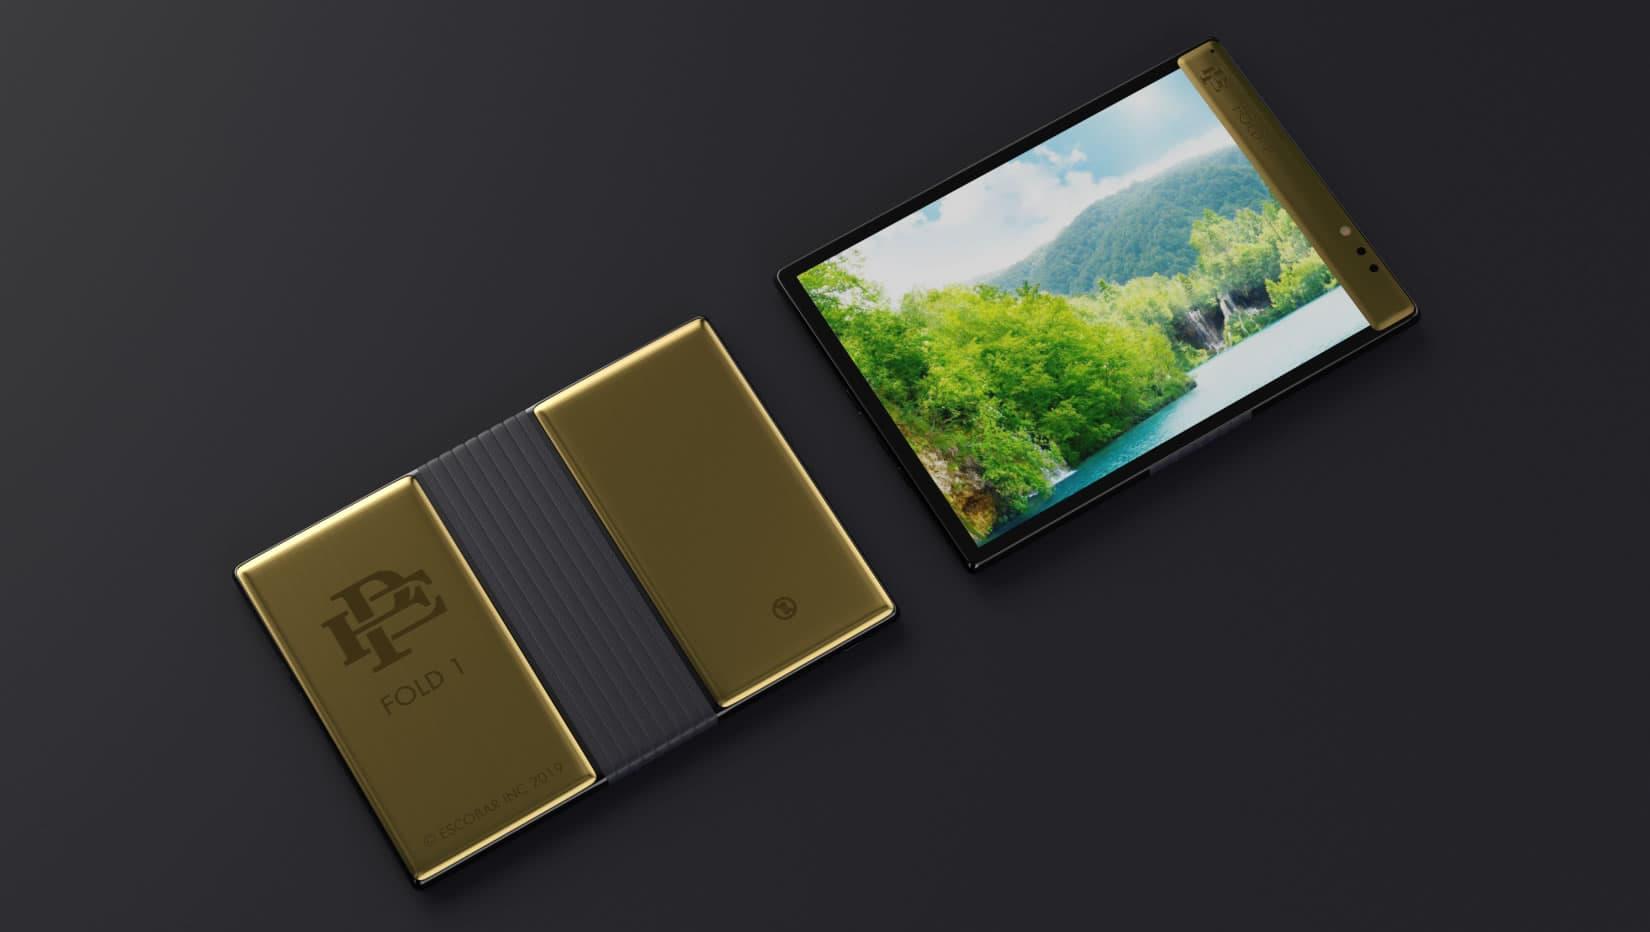 Fold 1, o smartphone dobrável e indestrutível criado pelo irmão de Pablo Escobar